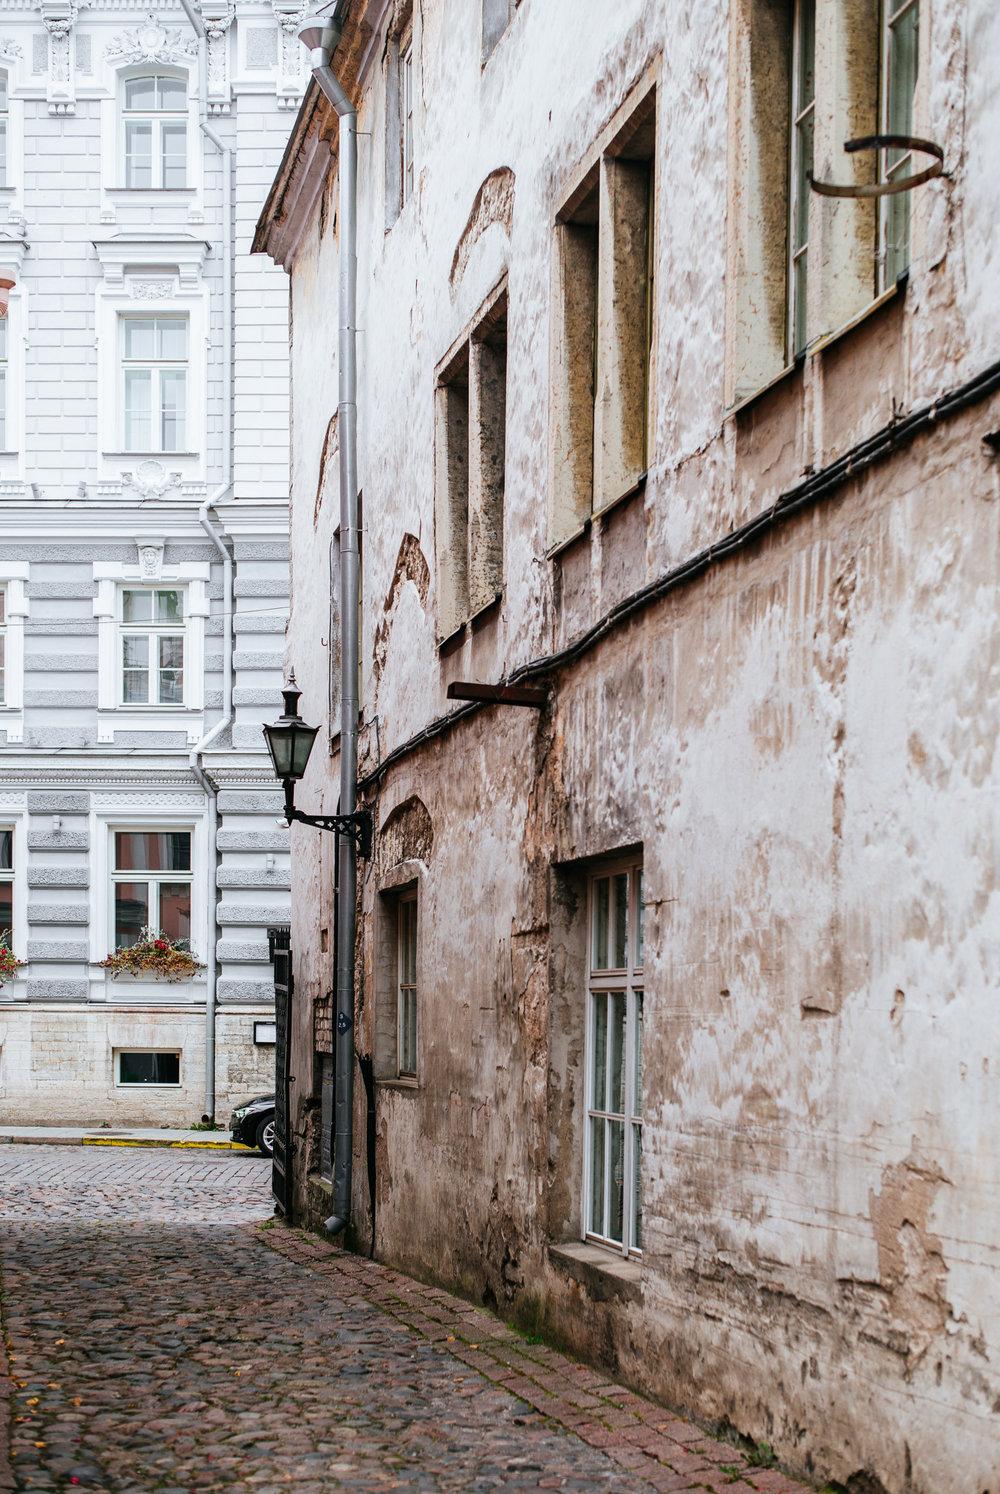 Katariina käik,Tallinn Old Town